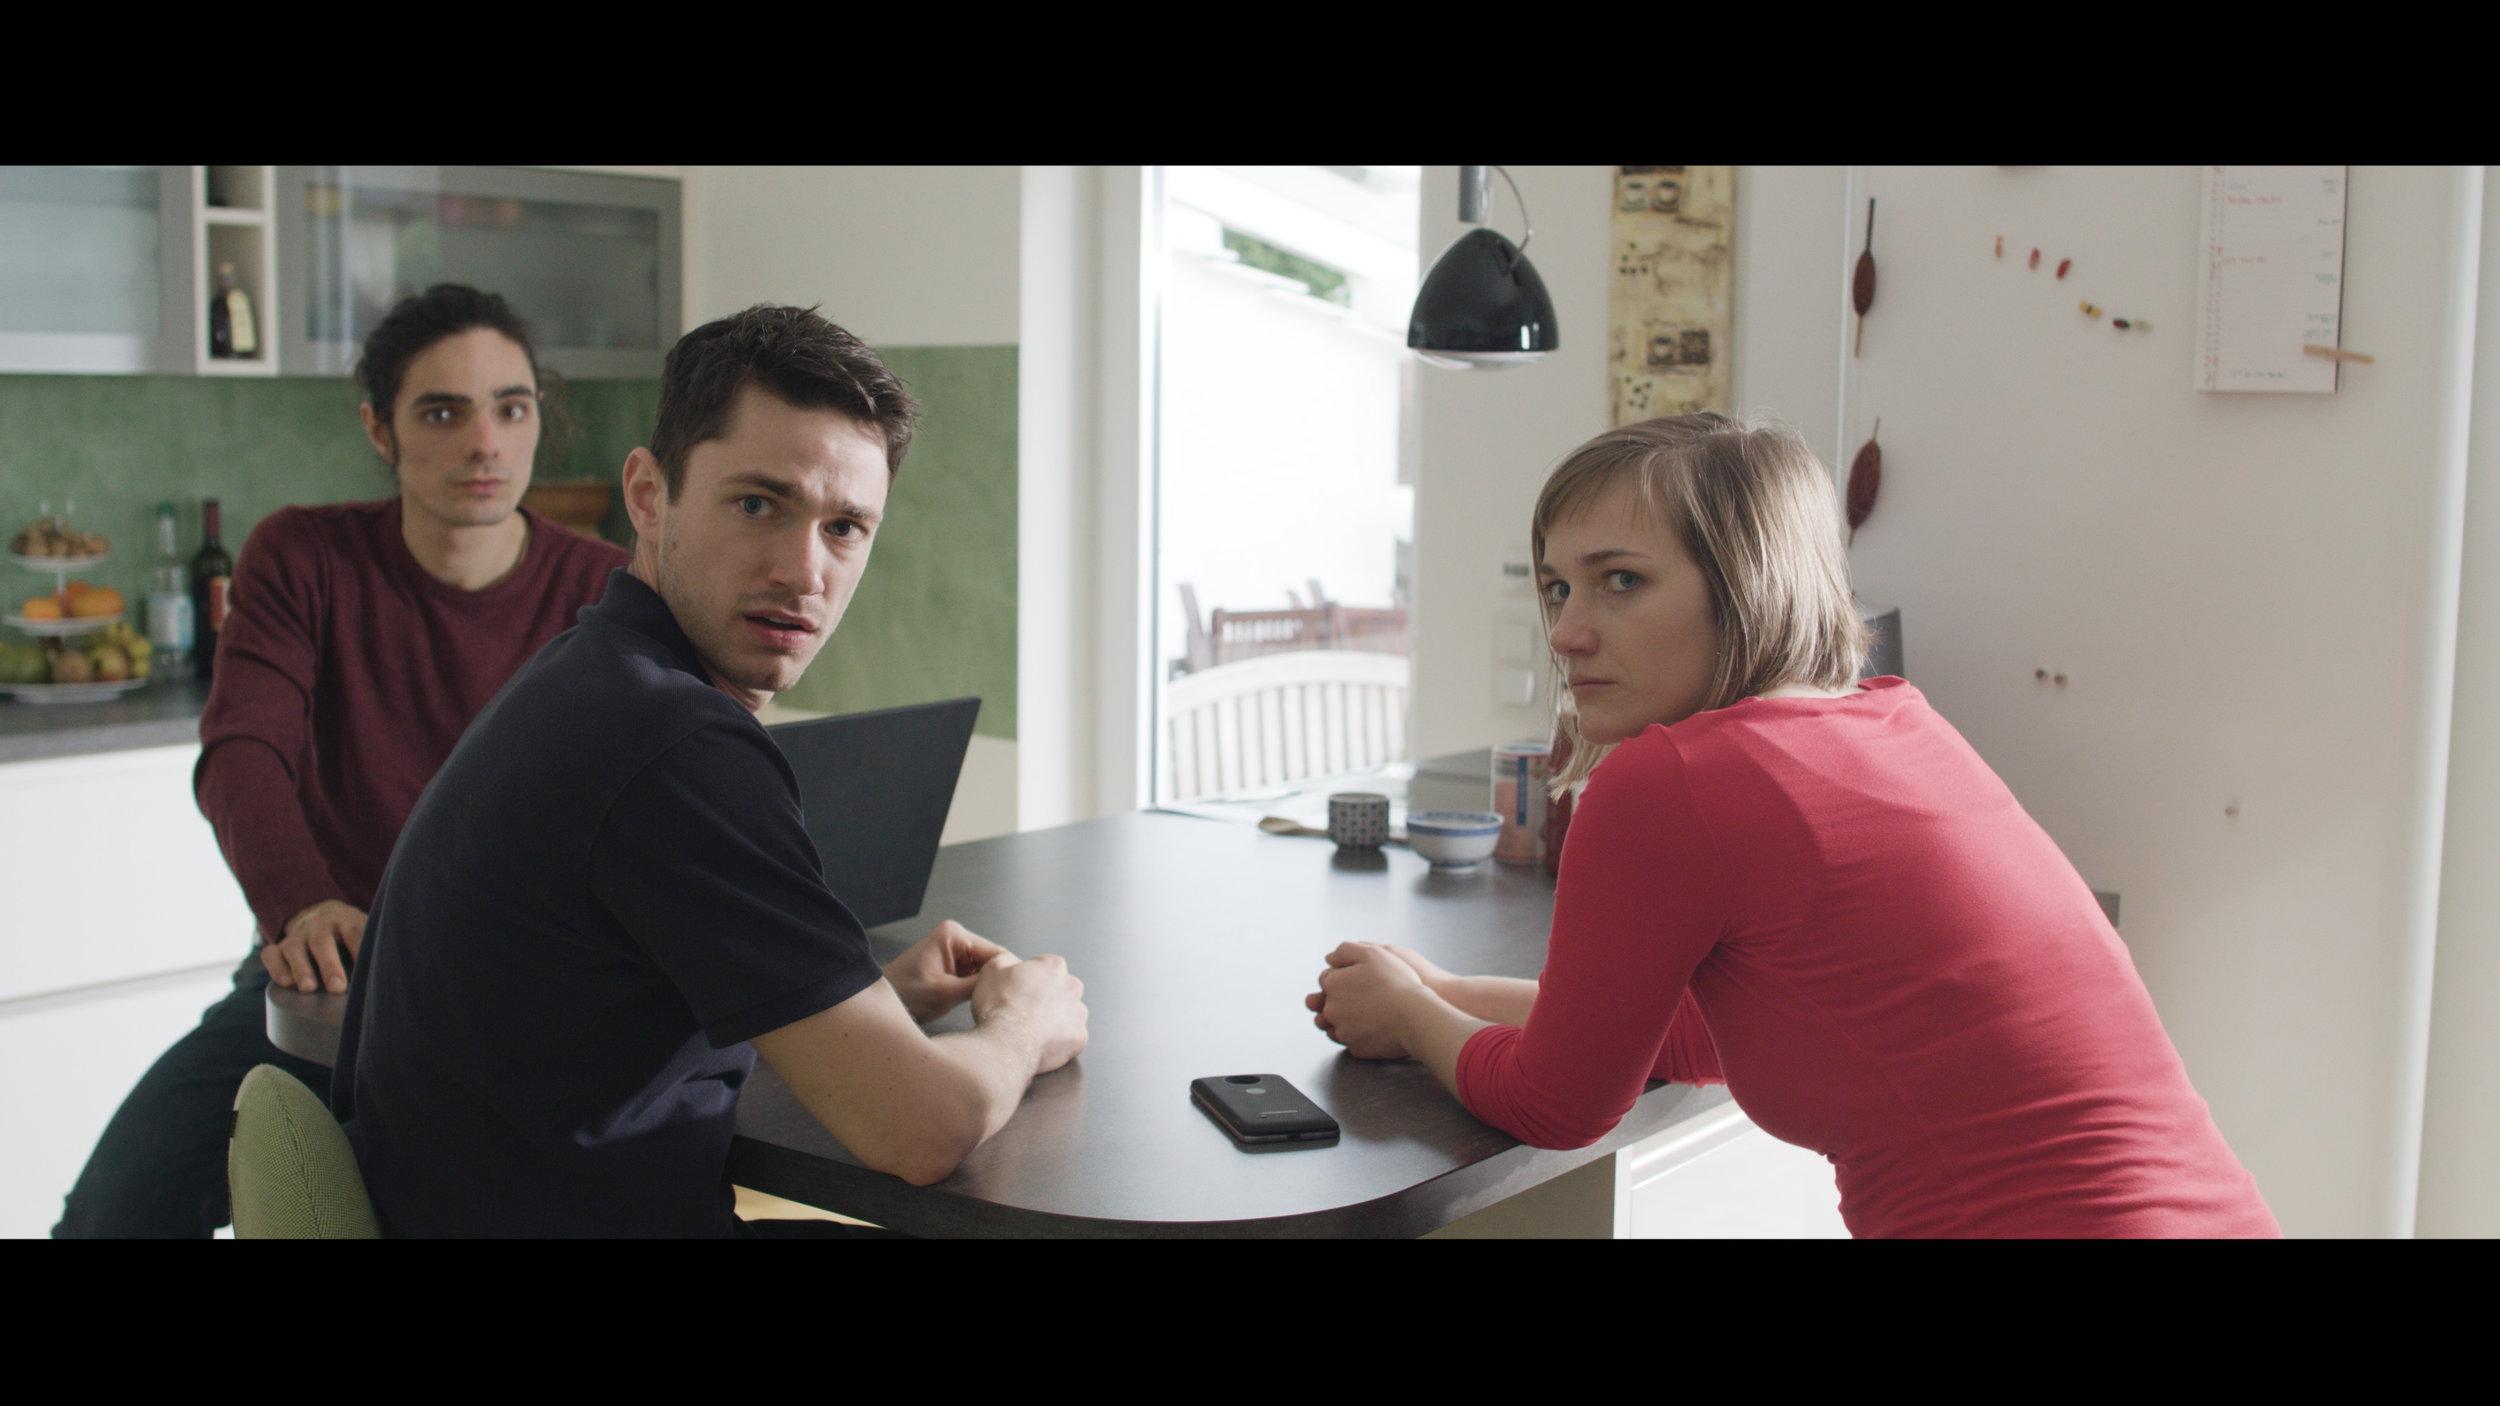 Die Augen der Anderen   Film  Director: Joschua Kessler     DOP: Georg Gilstein     Gaffer: Julian Zalac